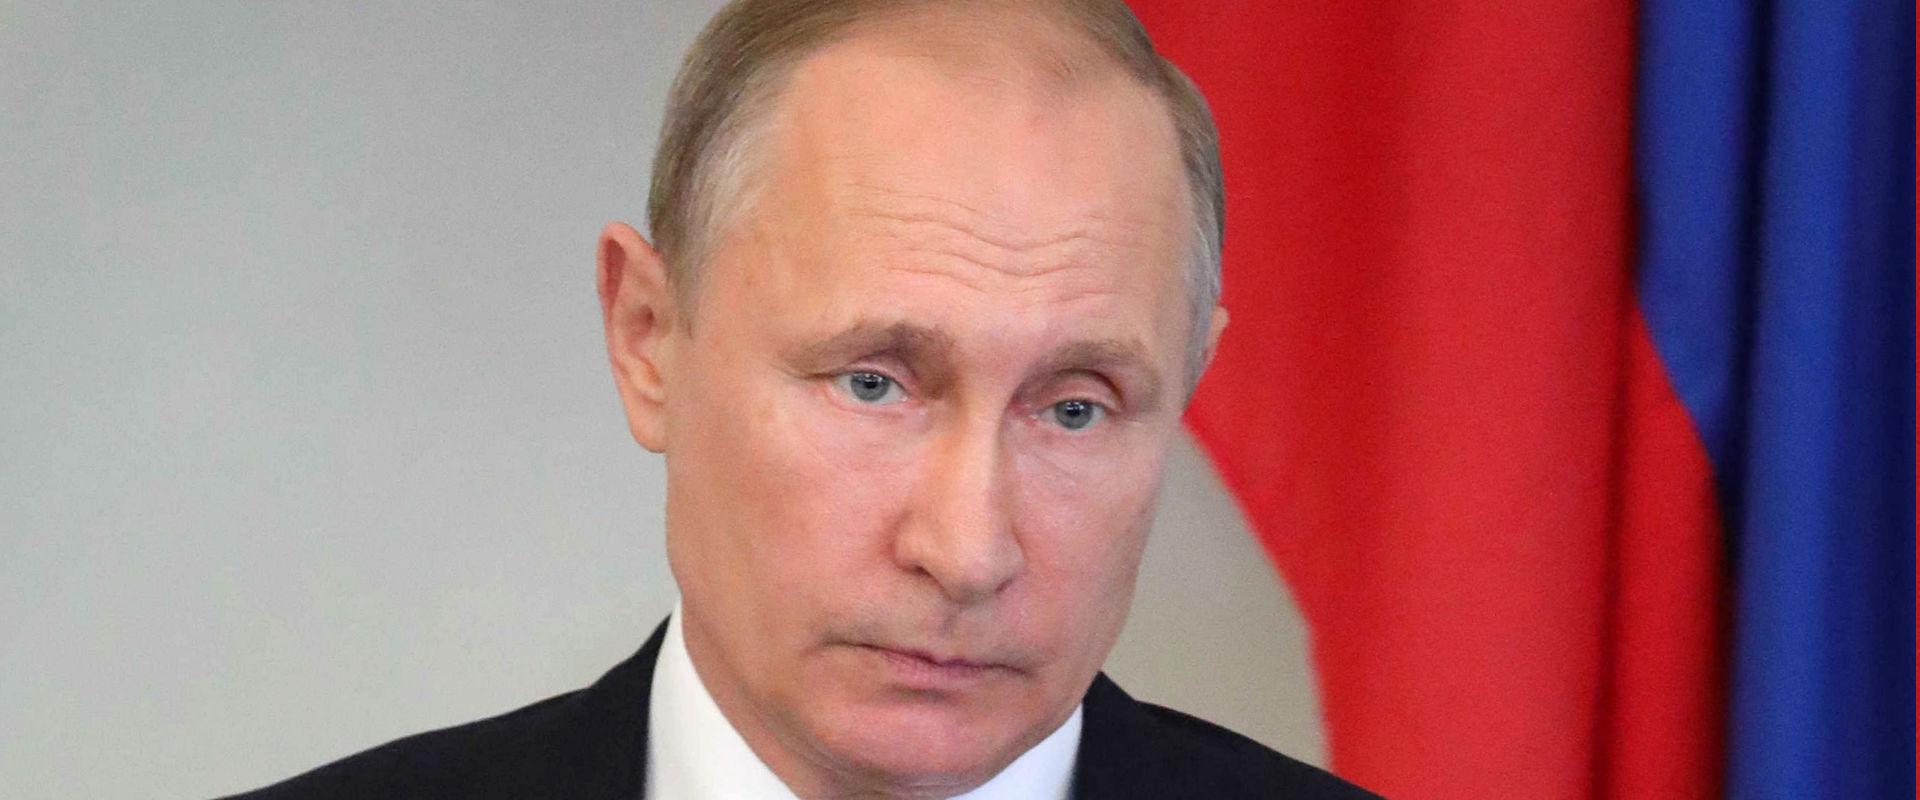 נשיא רוסיה, ולדימיר פוטין (צילום: אי-פי)